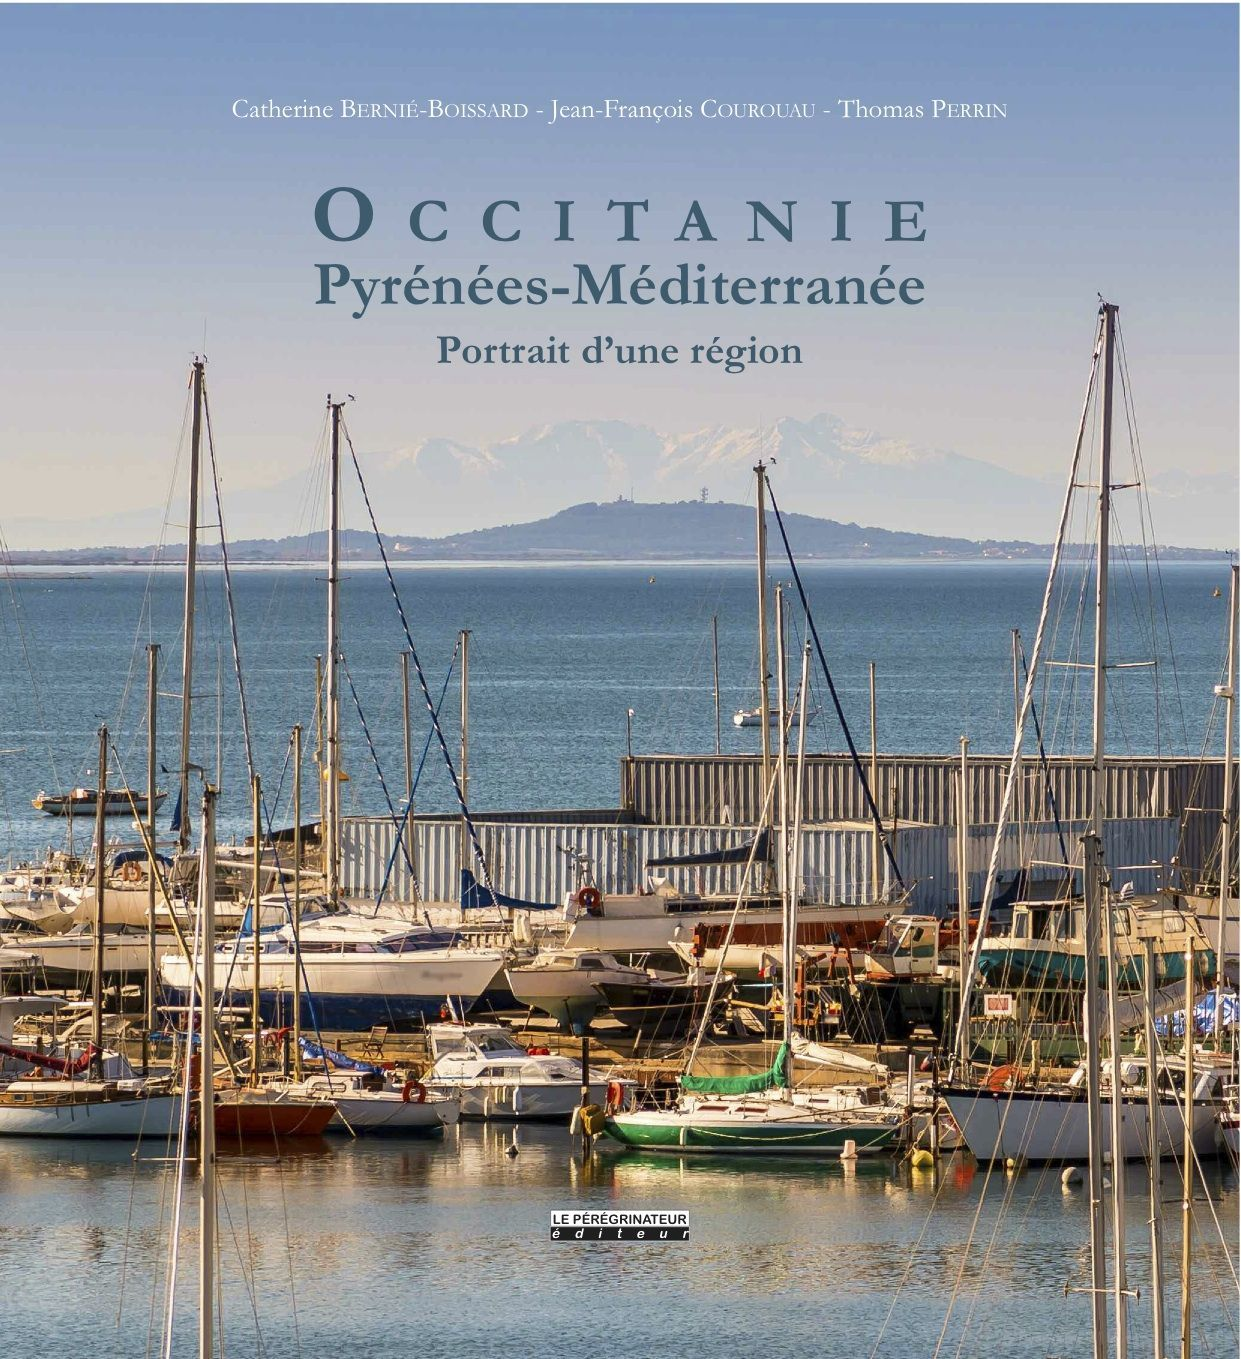 OCCITANIE, PYRENEES - MEDITERRANNEE - PORTRAIT D'UNE REGION